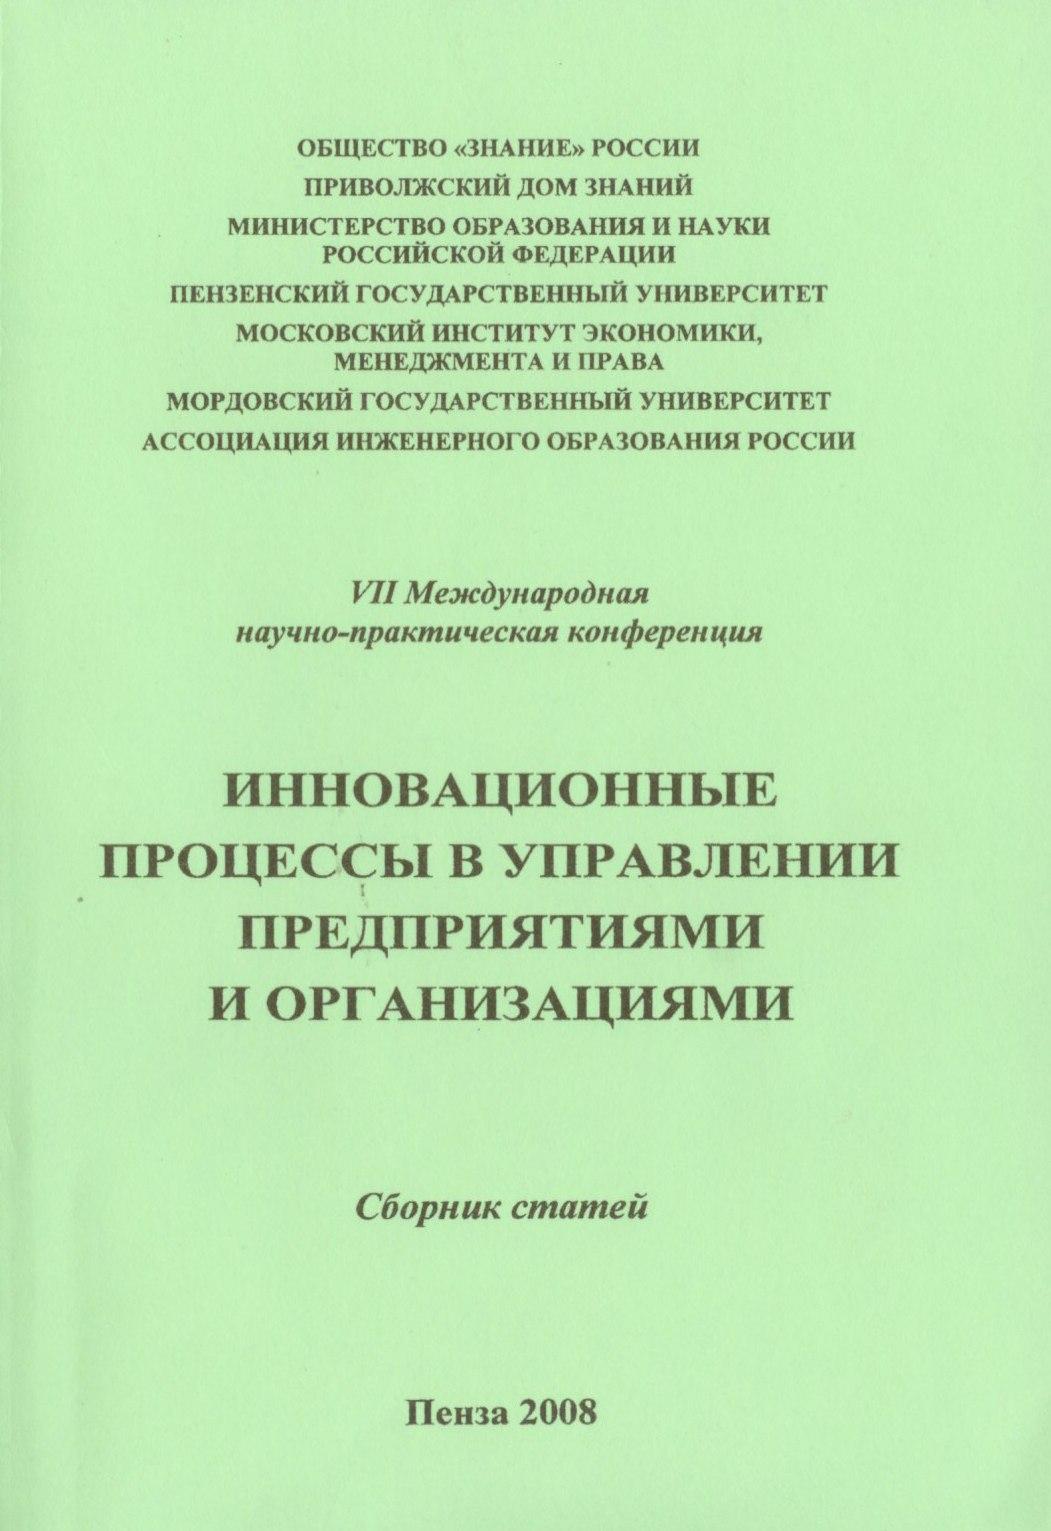 Анализ возможностей реализации «бережливых» технологий в российских компаний